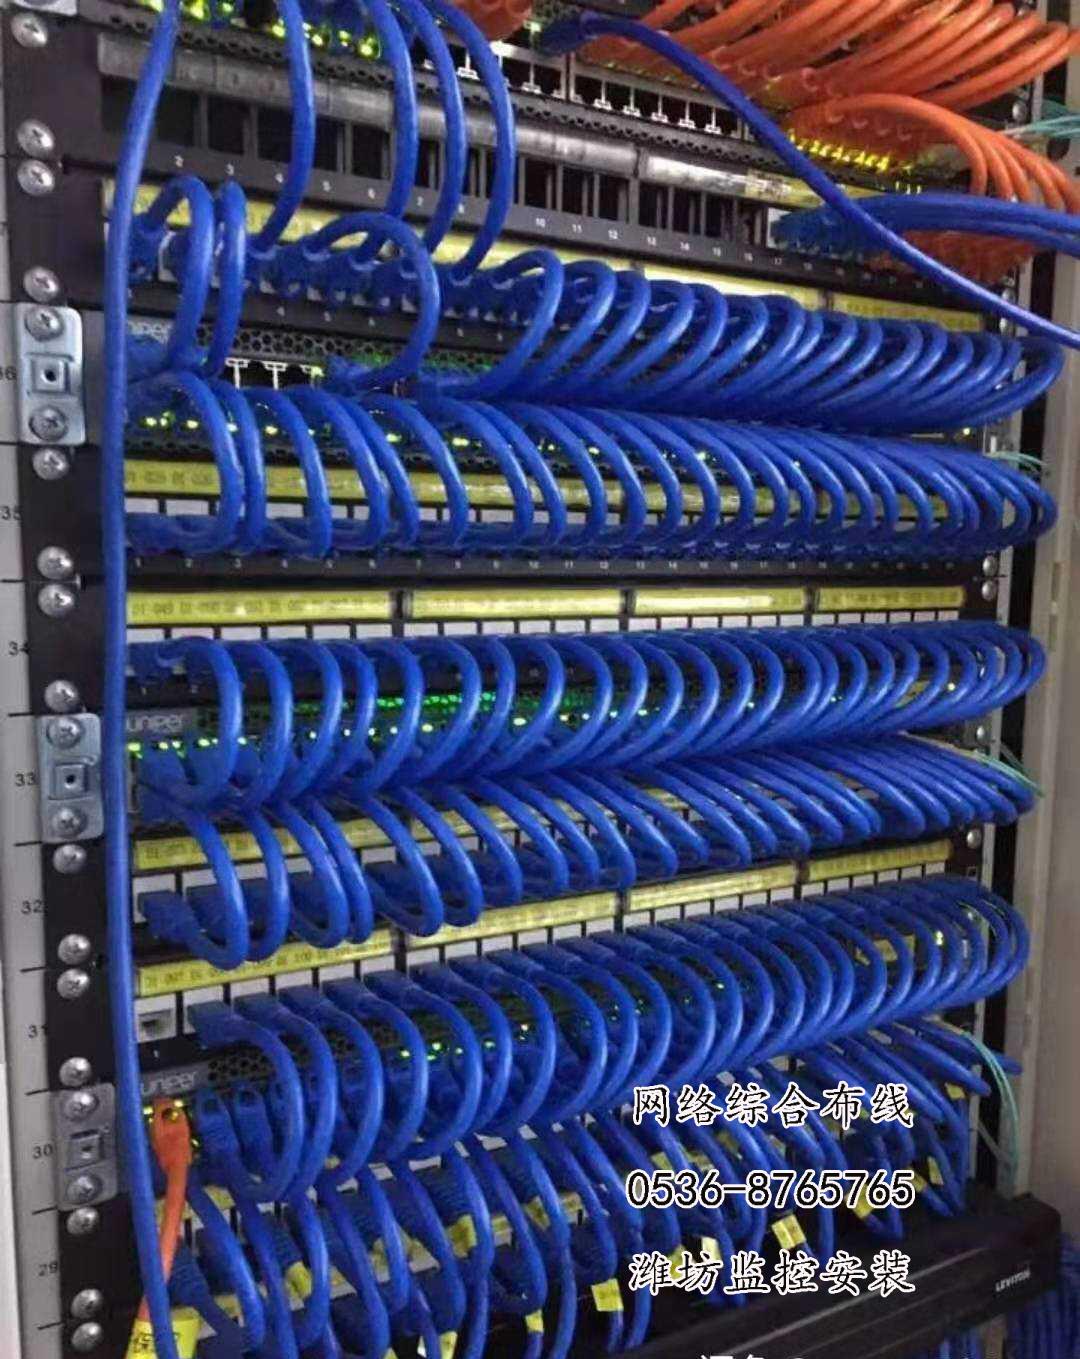 德益鸿智能科技有限公司提供光缆熔接接一条龙服务